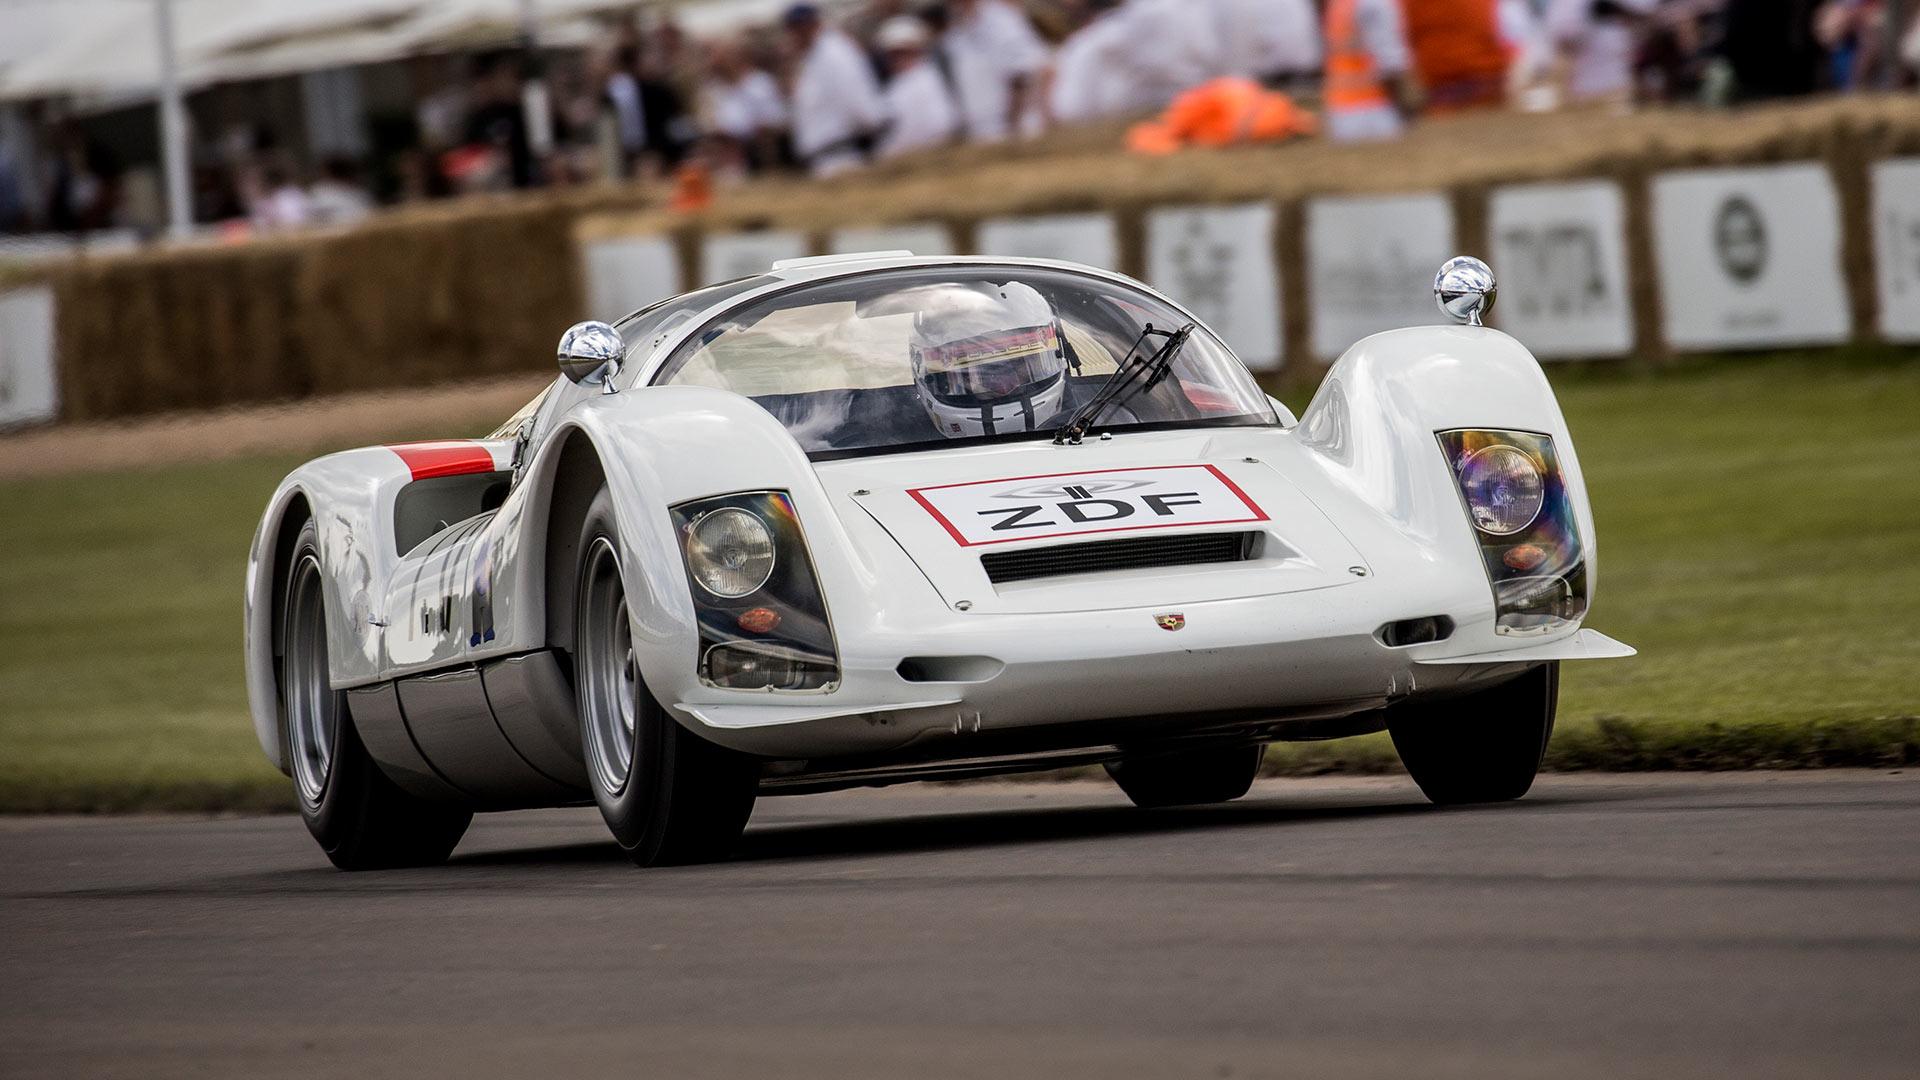 1966 Porsche 906-6 LH